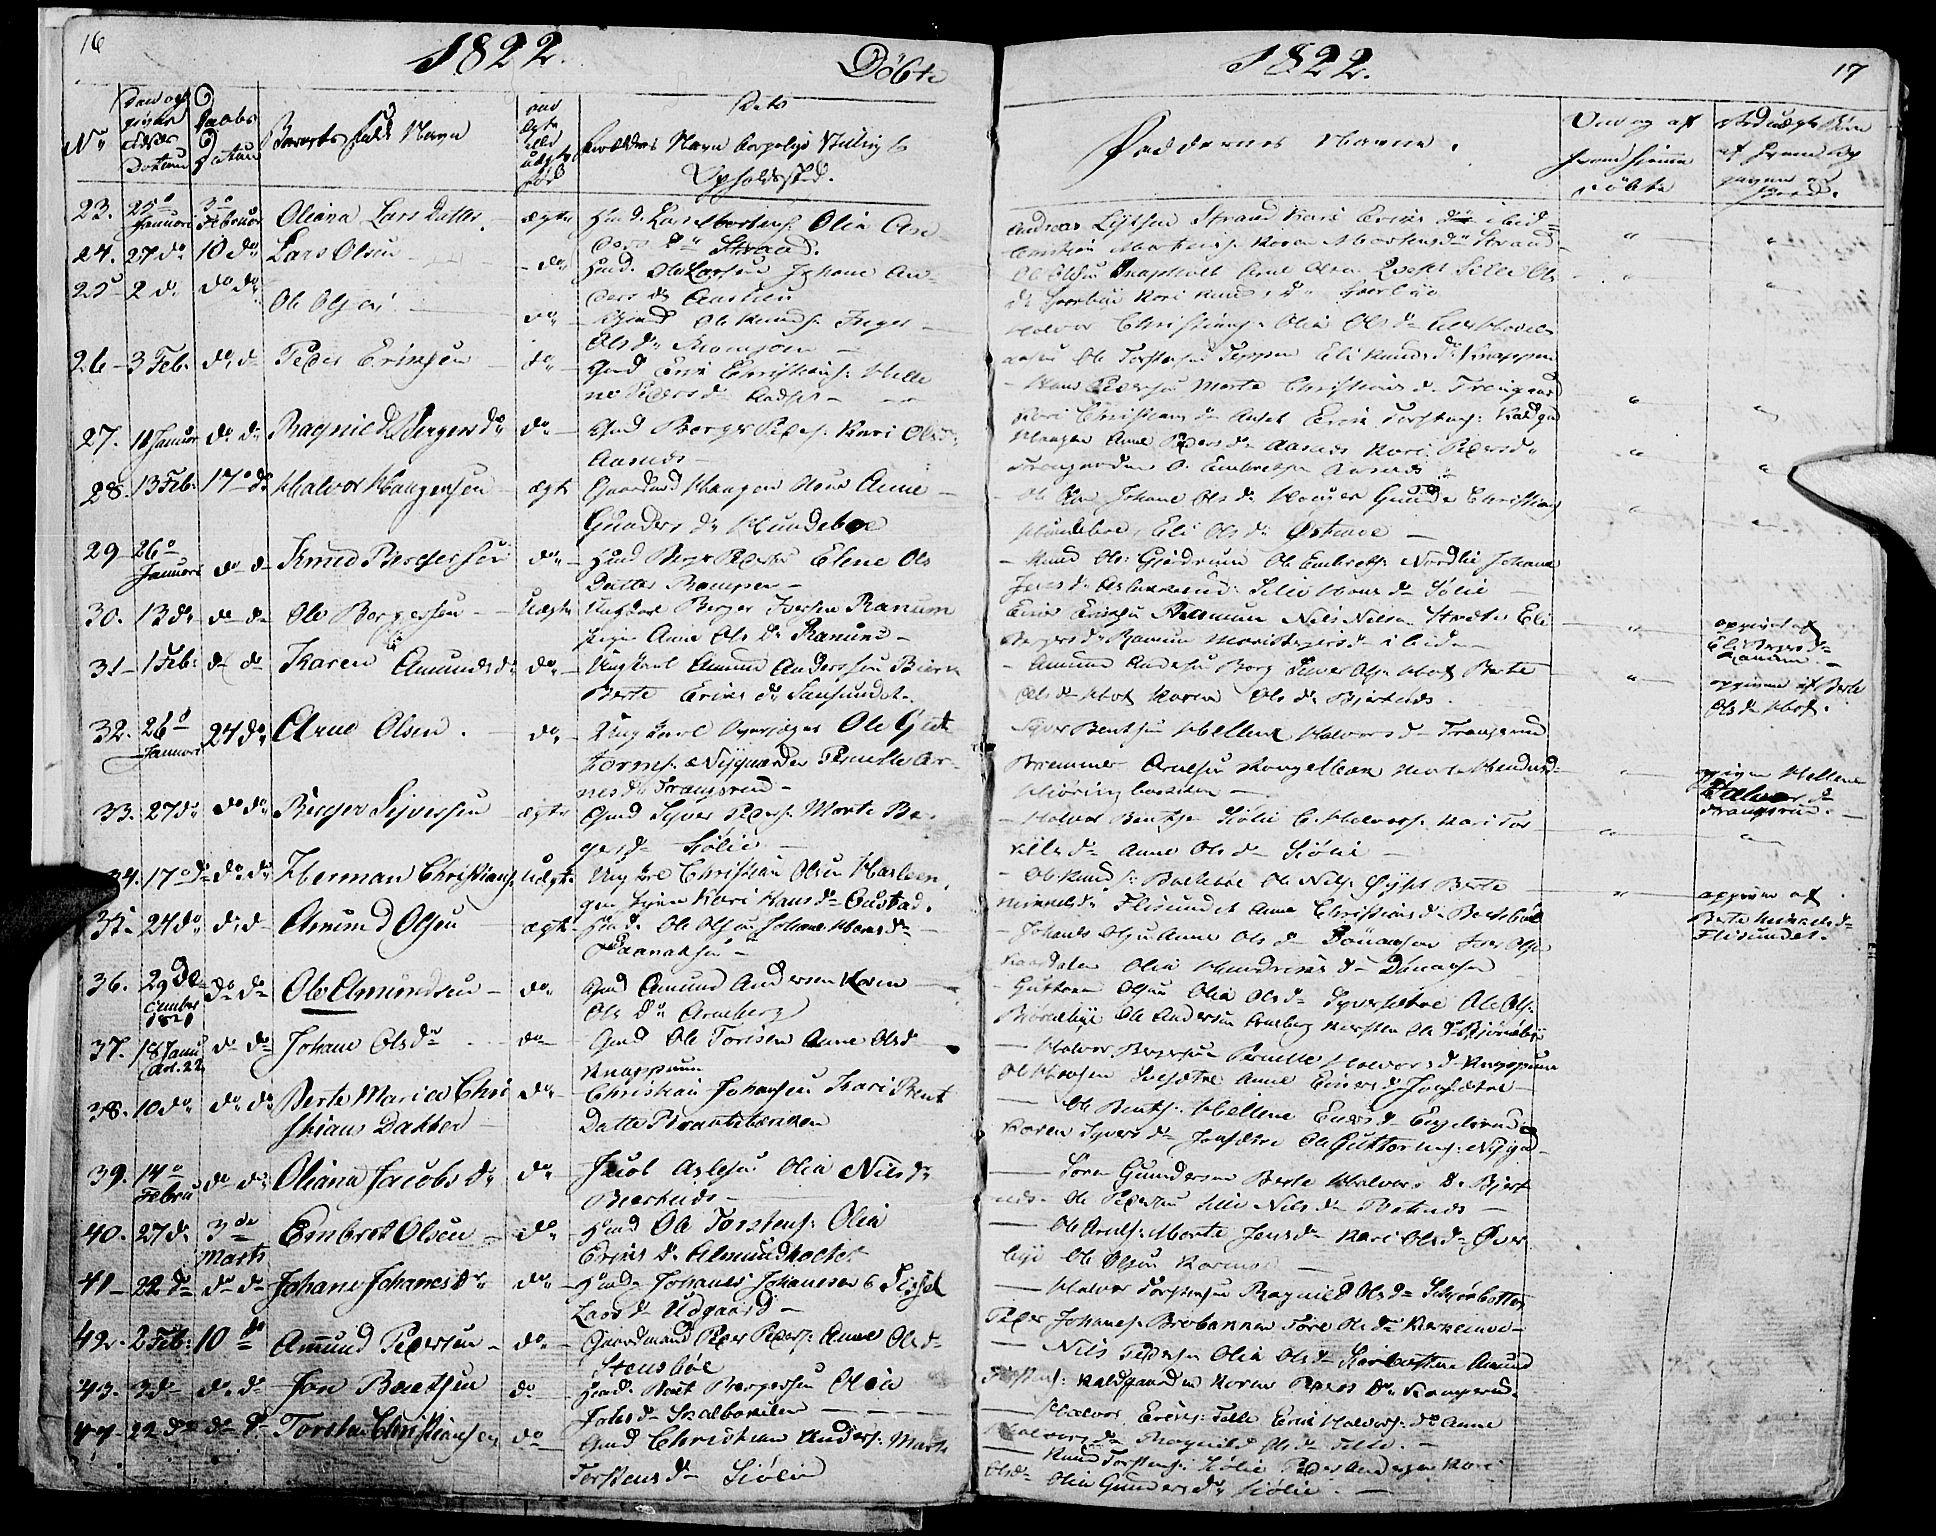 SAH, Hof prestekontor, Ministerialbok nr. 6, 1822-1841, s. 16-17